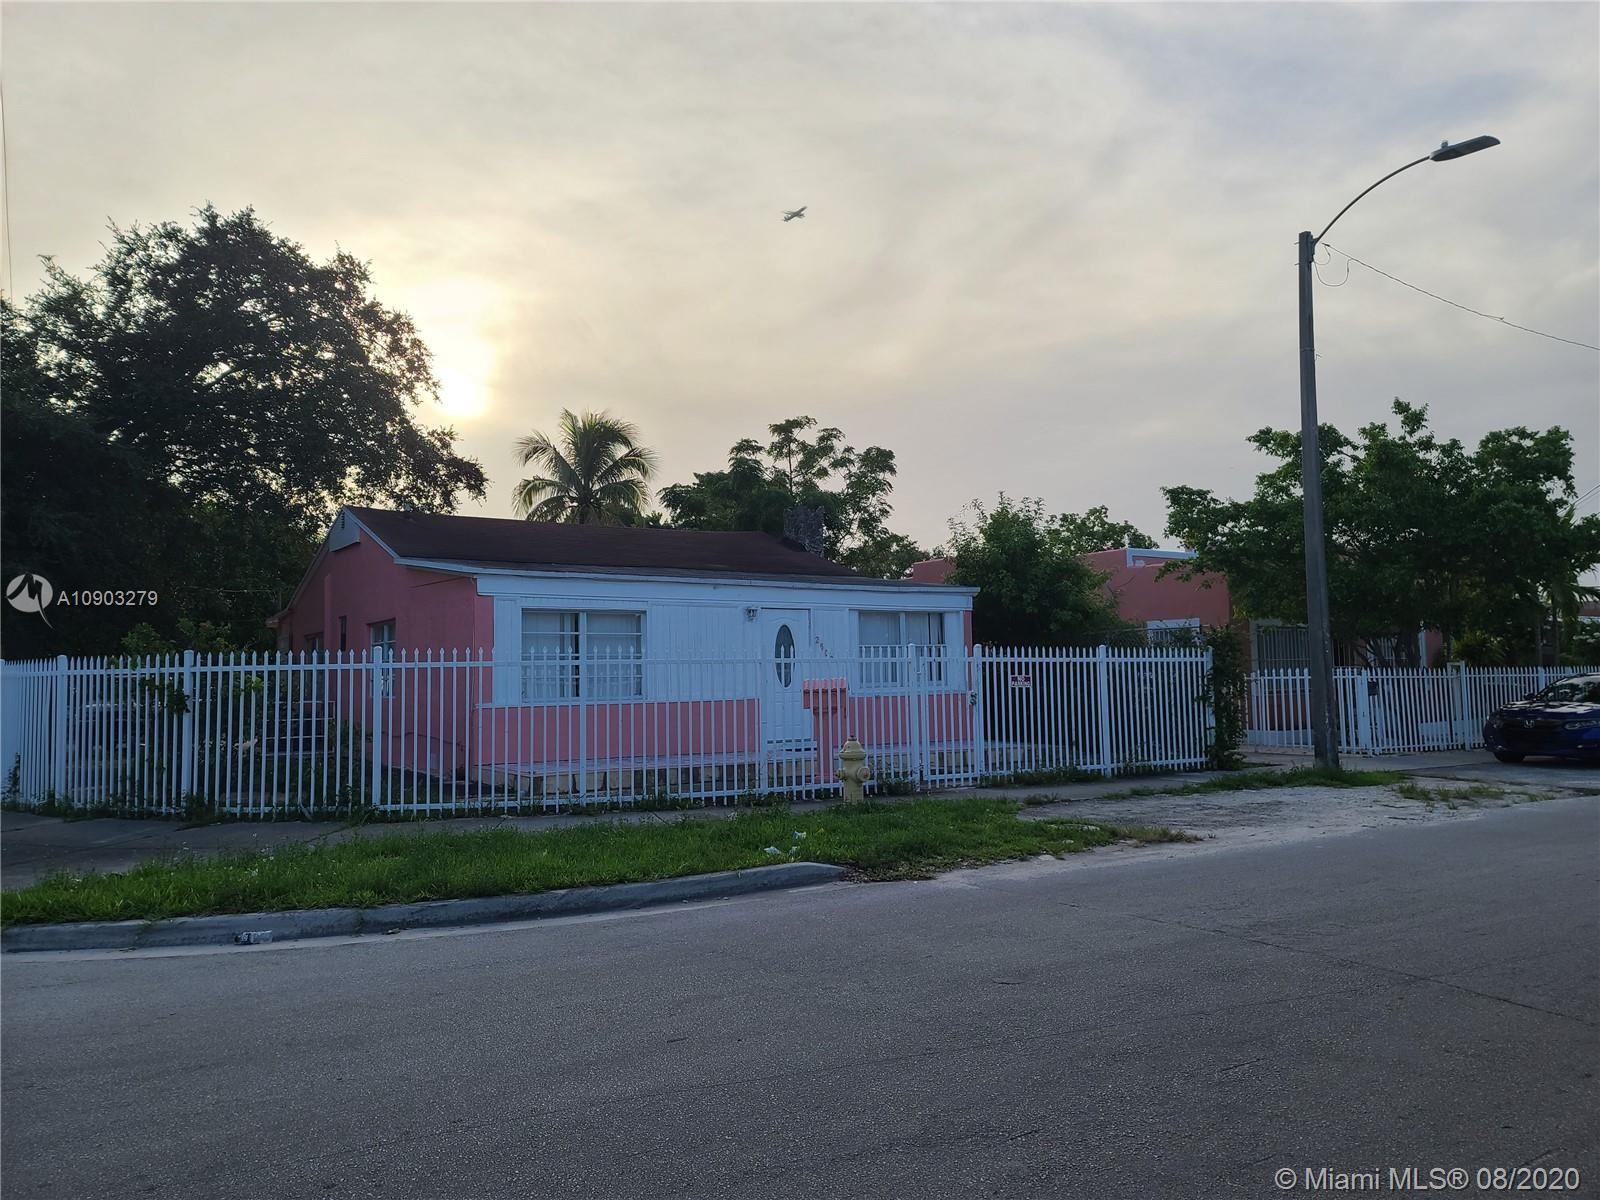 2600 NW 13 AVE, Miami, FL 33142 - #: A10903279